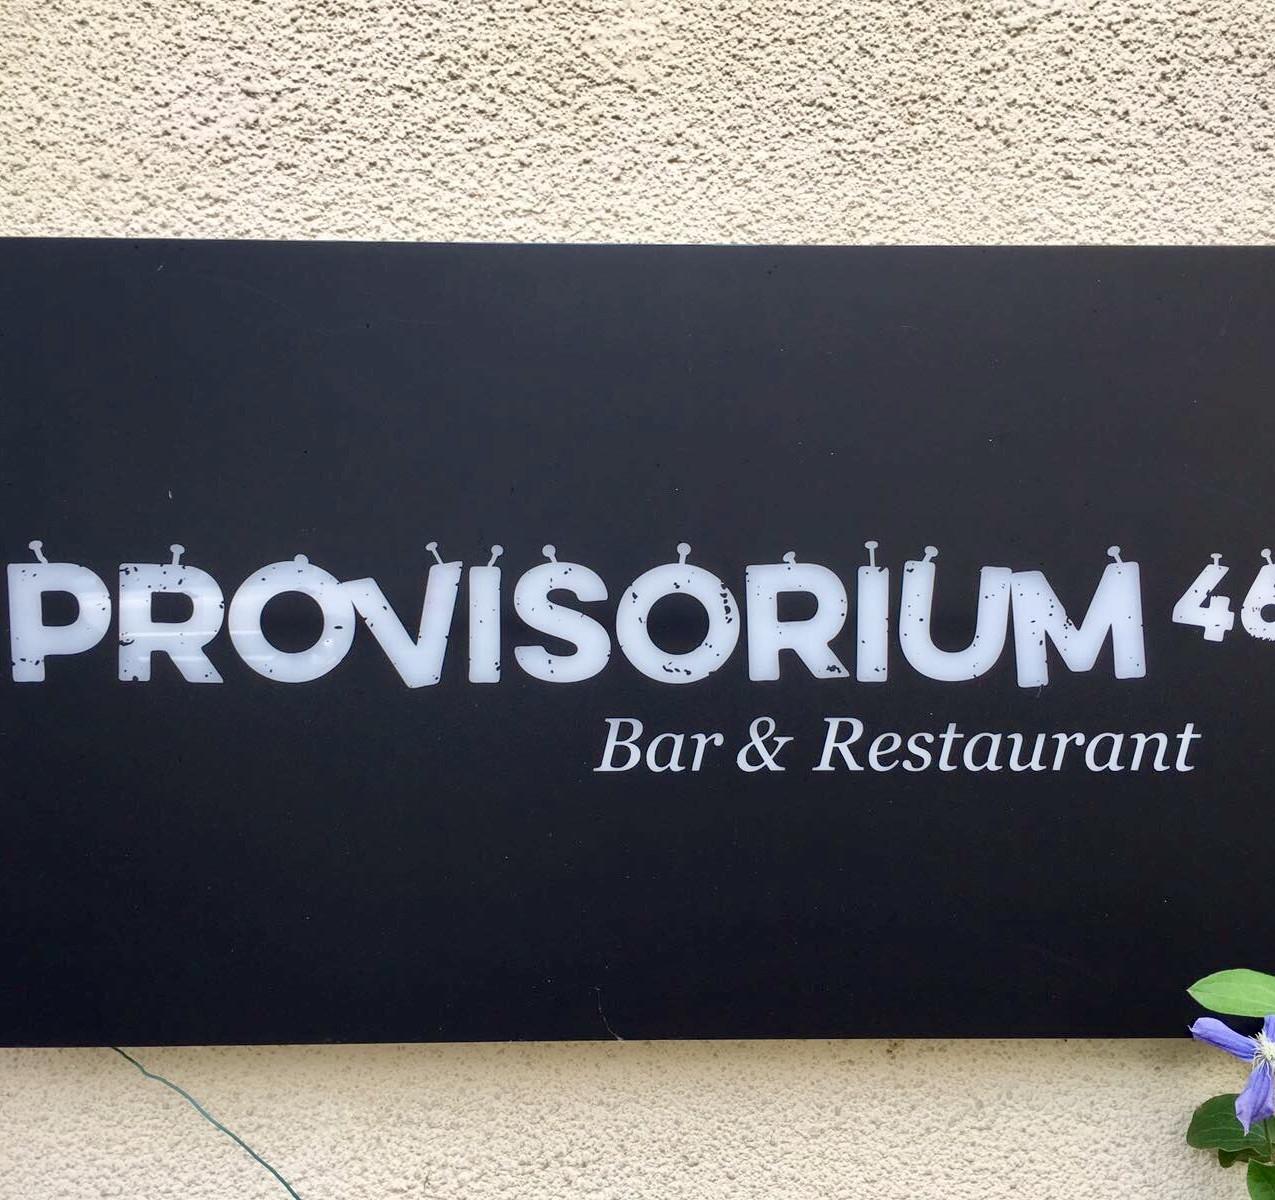 Provisorium46_0420170606